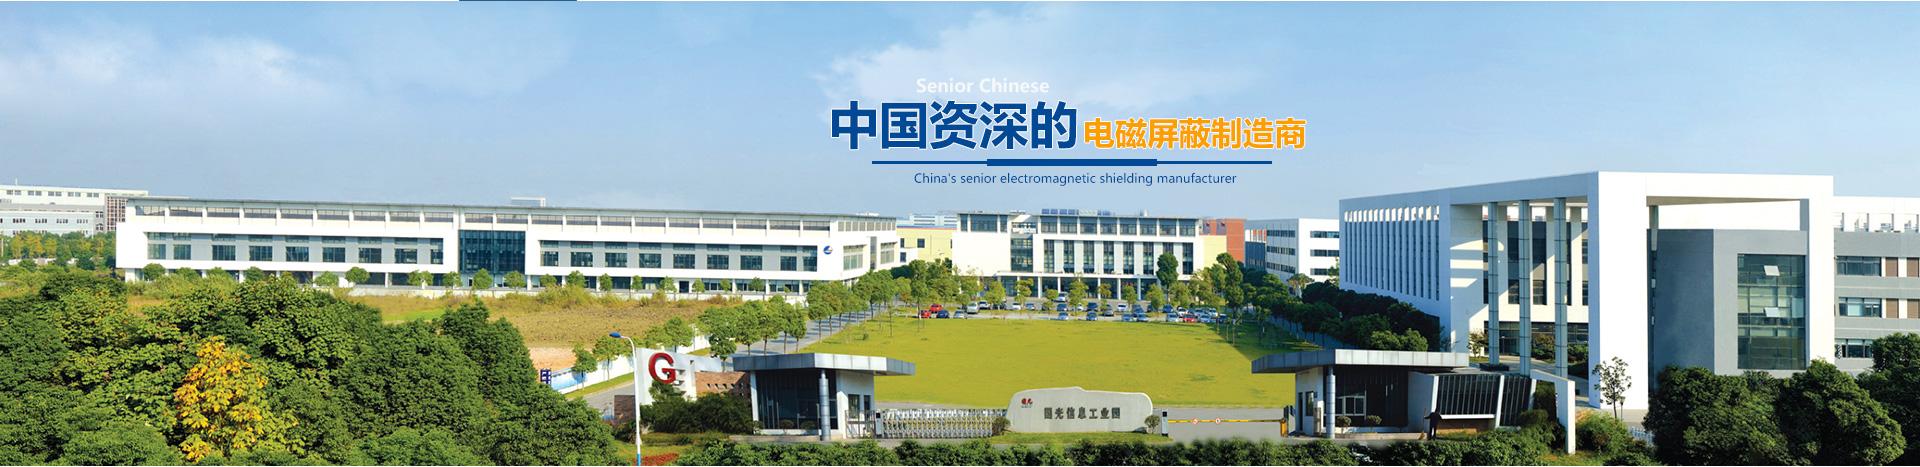 中国资深的电磁屏蔽制造商